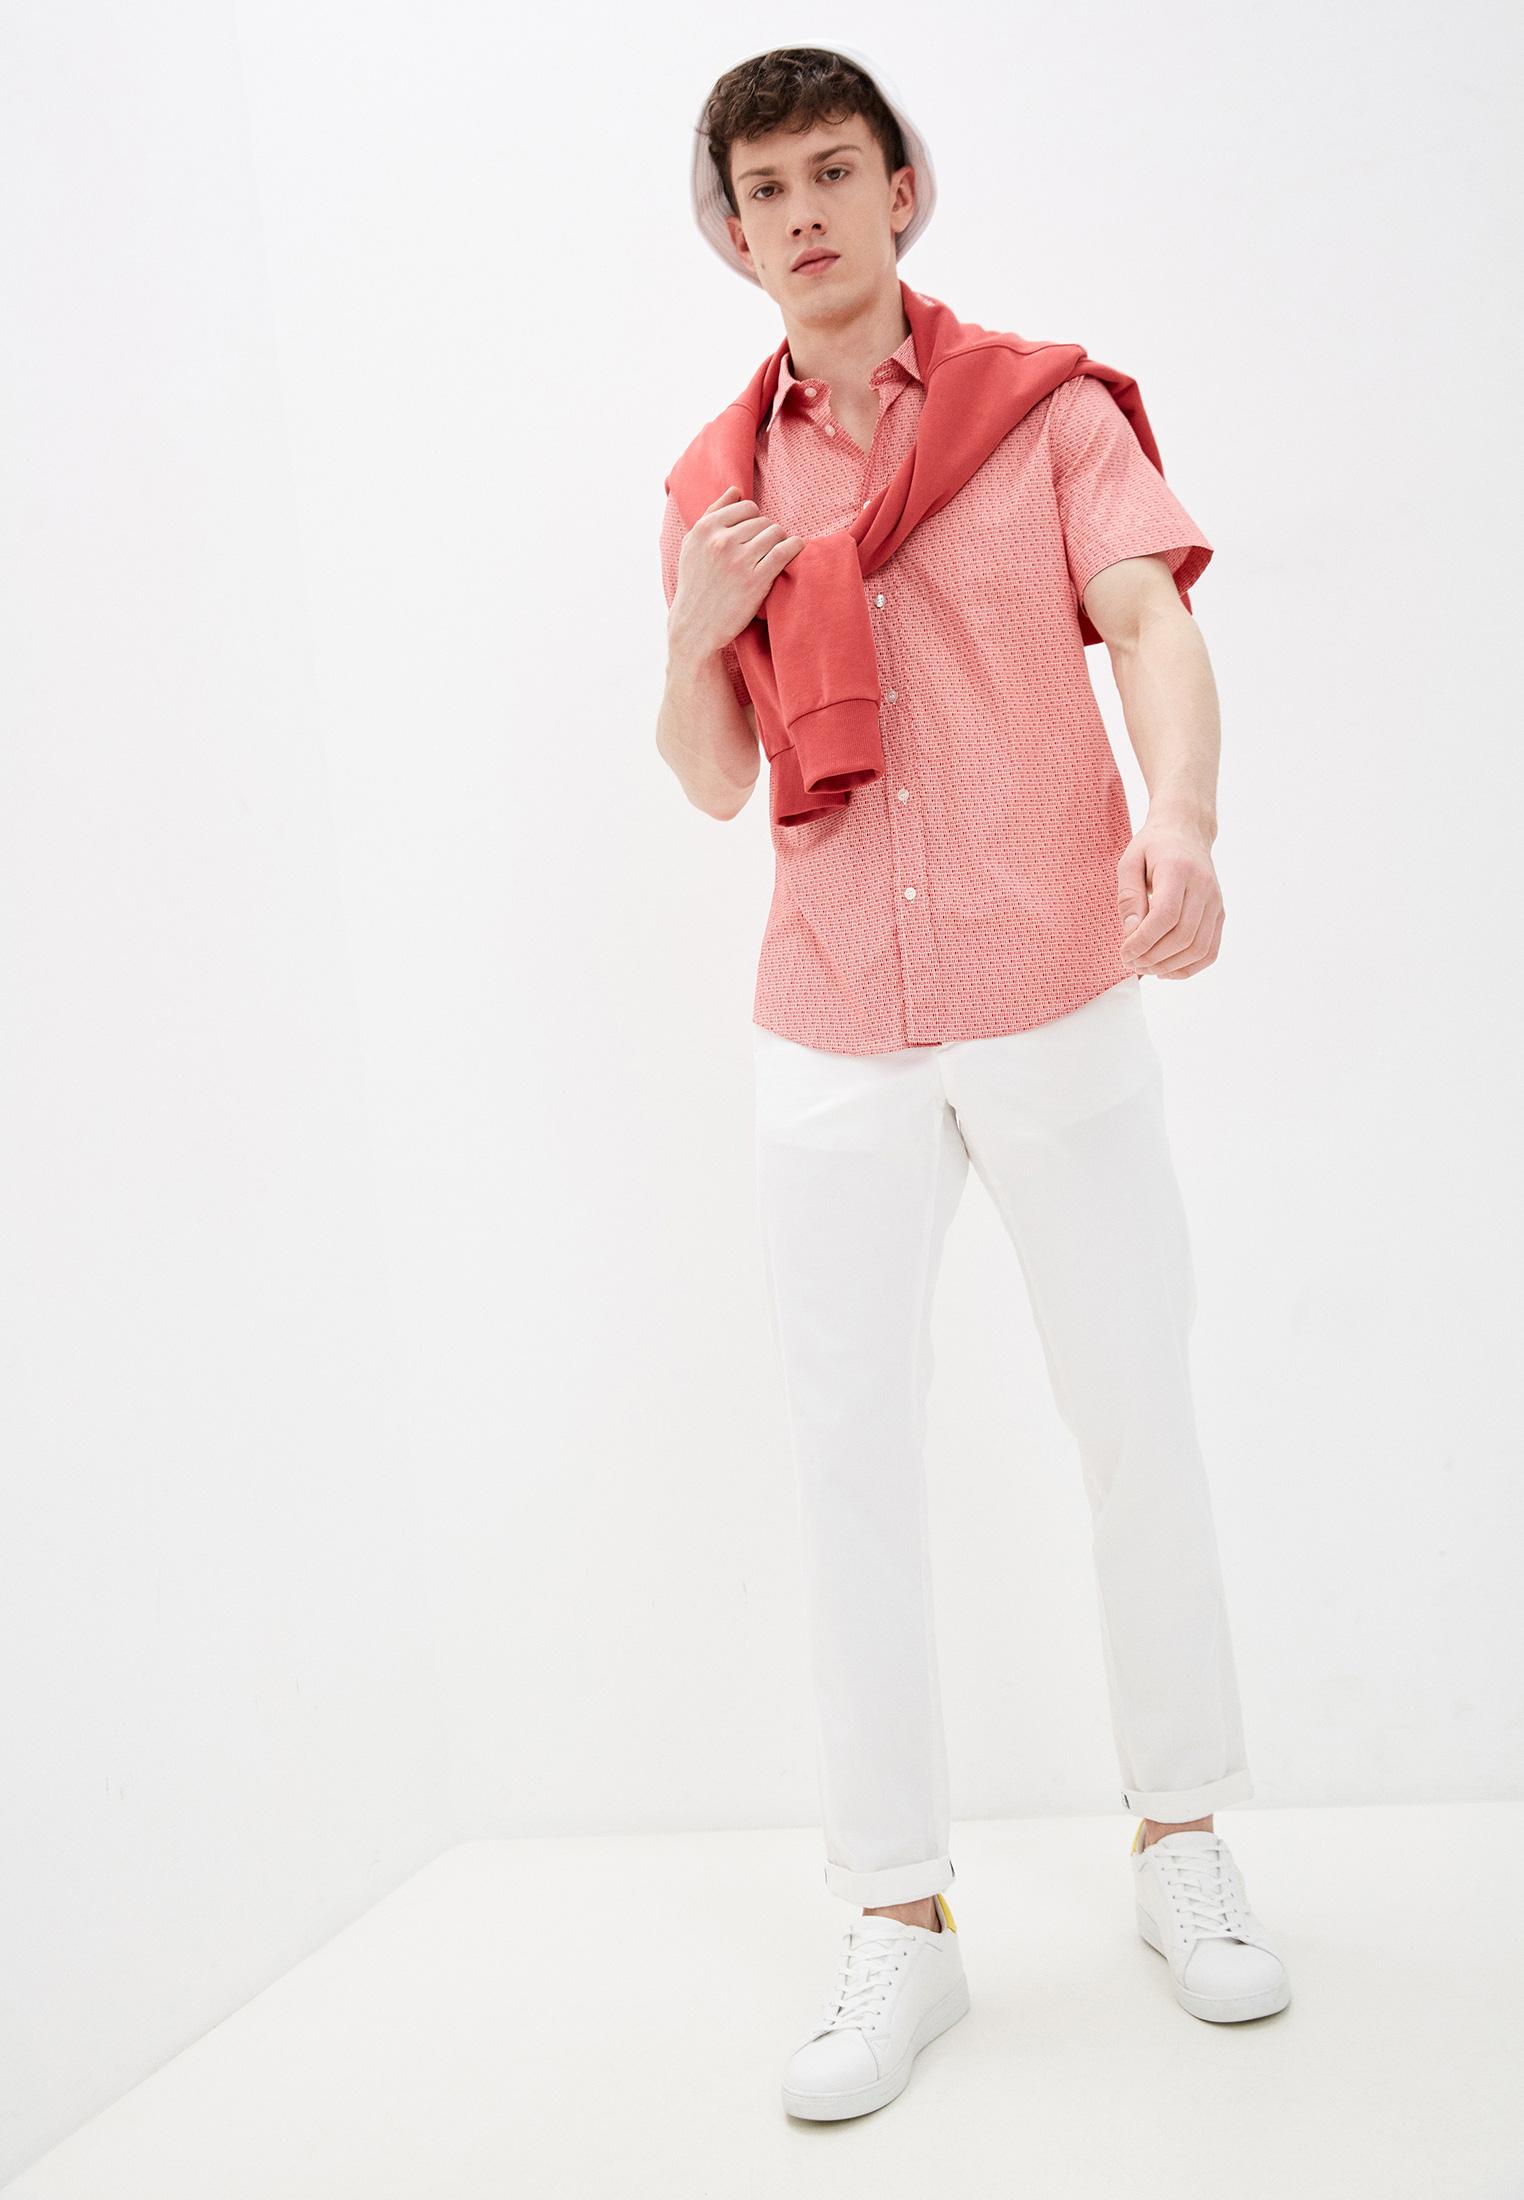 Рубашка с коротким рукавом Bikkembergs (Биккембергс) C C 026 00 S 3353: изображение 3